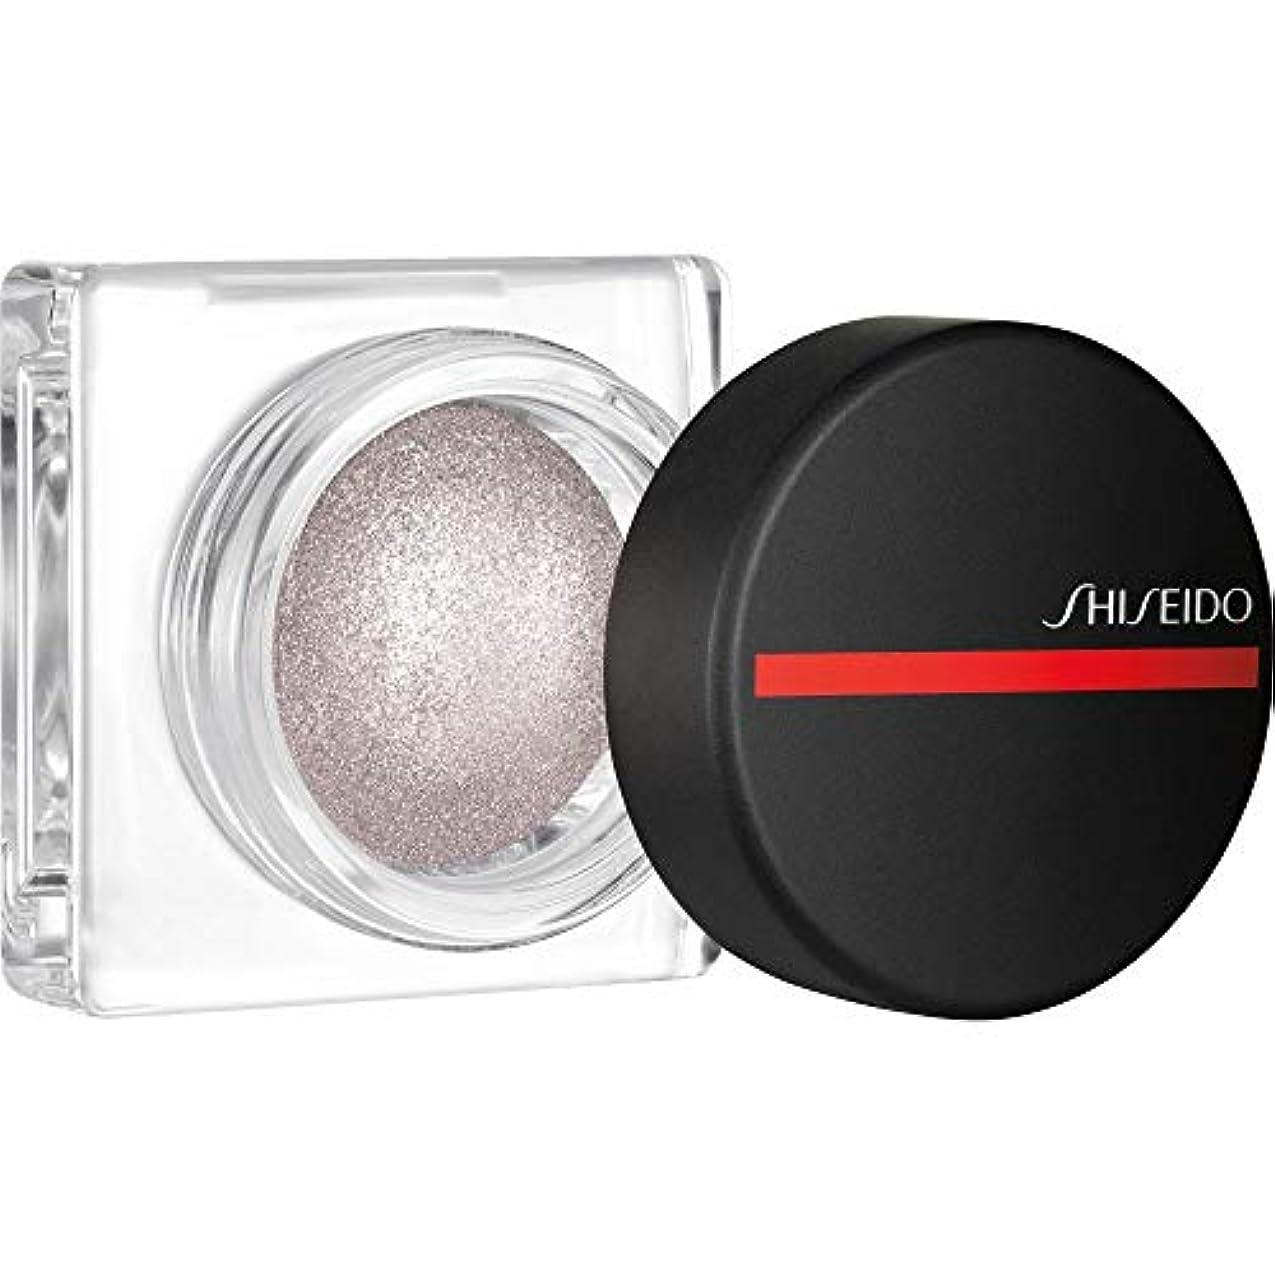 アクティブくつろぎ一貫性のない[Shiseido] 資生堂のオーラ露の4.8グラム01 - 月面 - Shiseido Aura Dew 4.8g 01 - Lunar [並行輸入品]